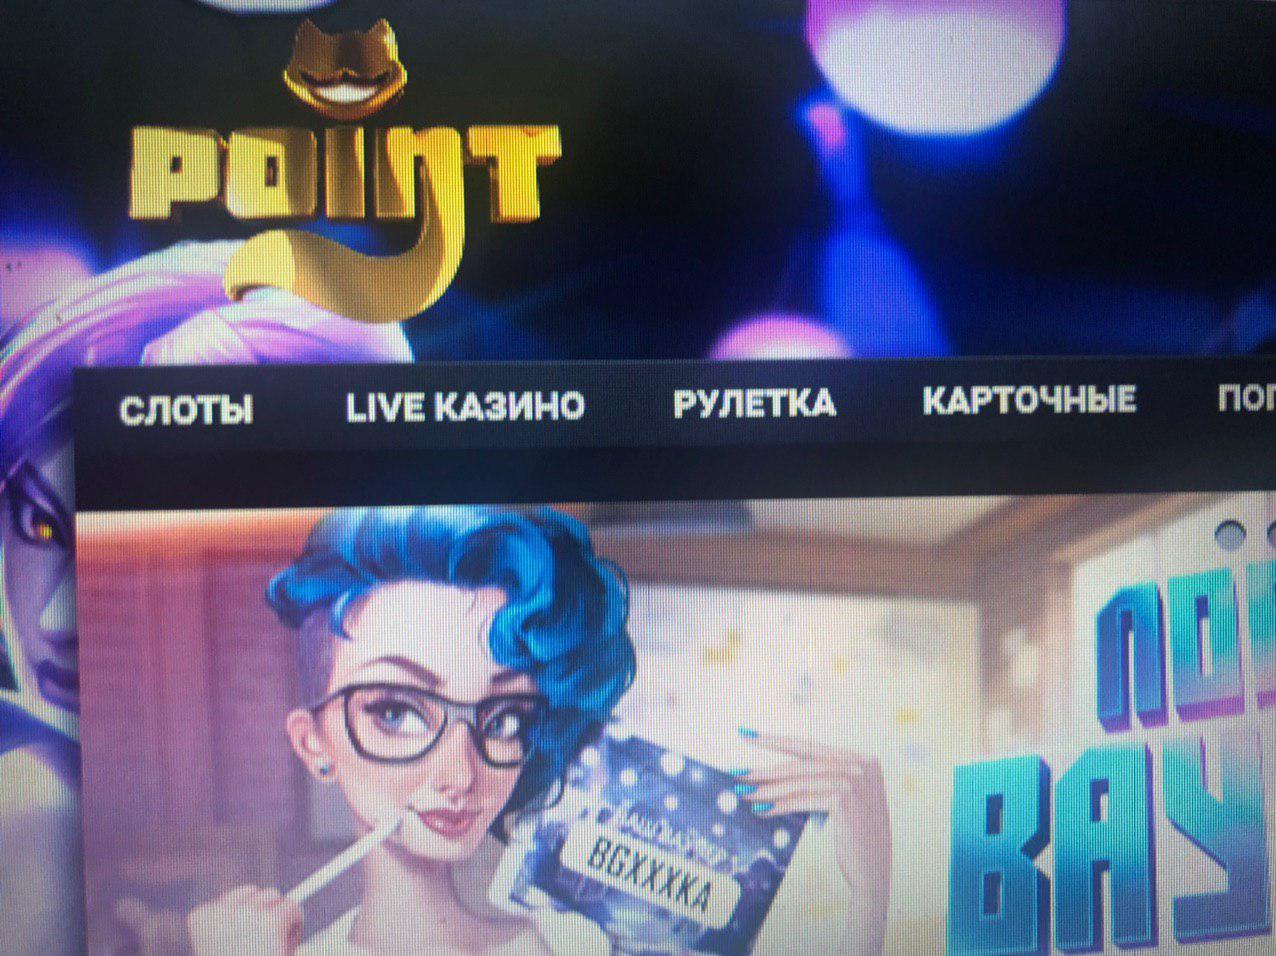 Смотреть онлайнказино на лайткоины с игровыми автоматами и пополнением в ltc бет онлайн зарубежные